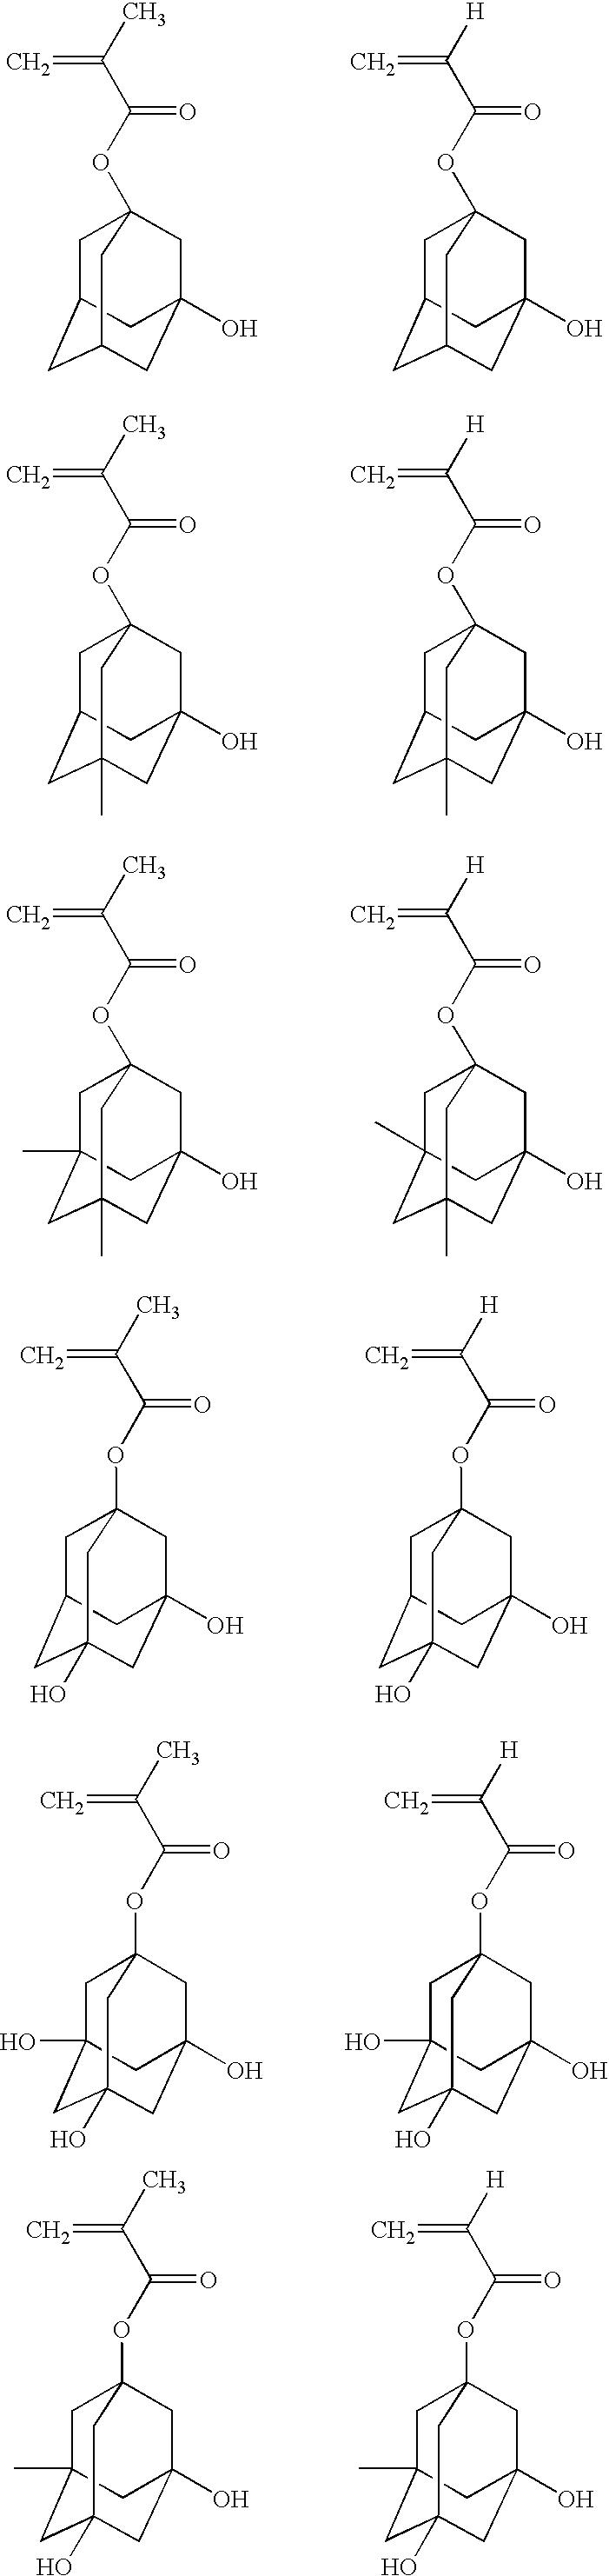 Figure US20100323296A1-20101223-C00045